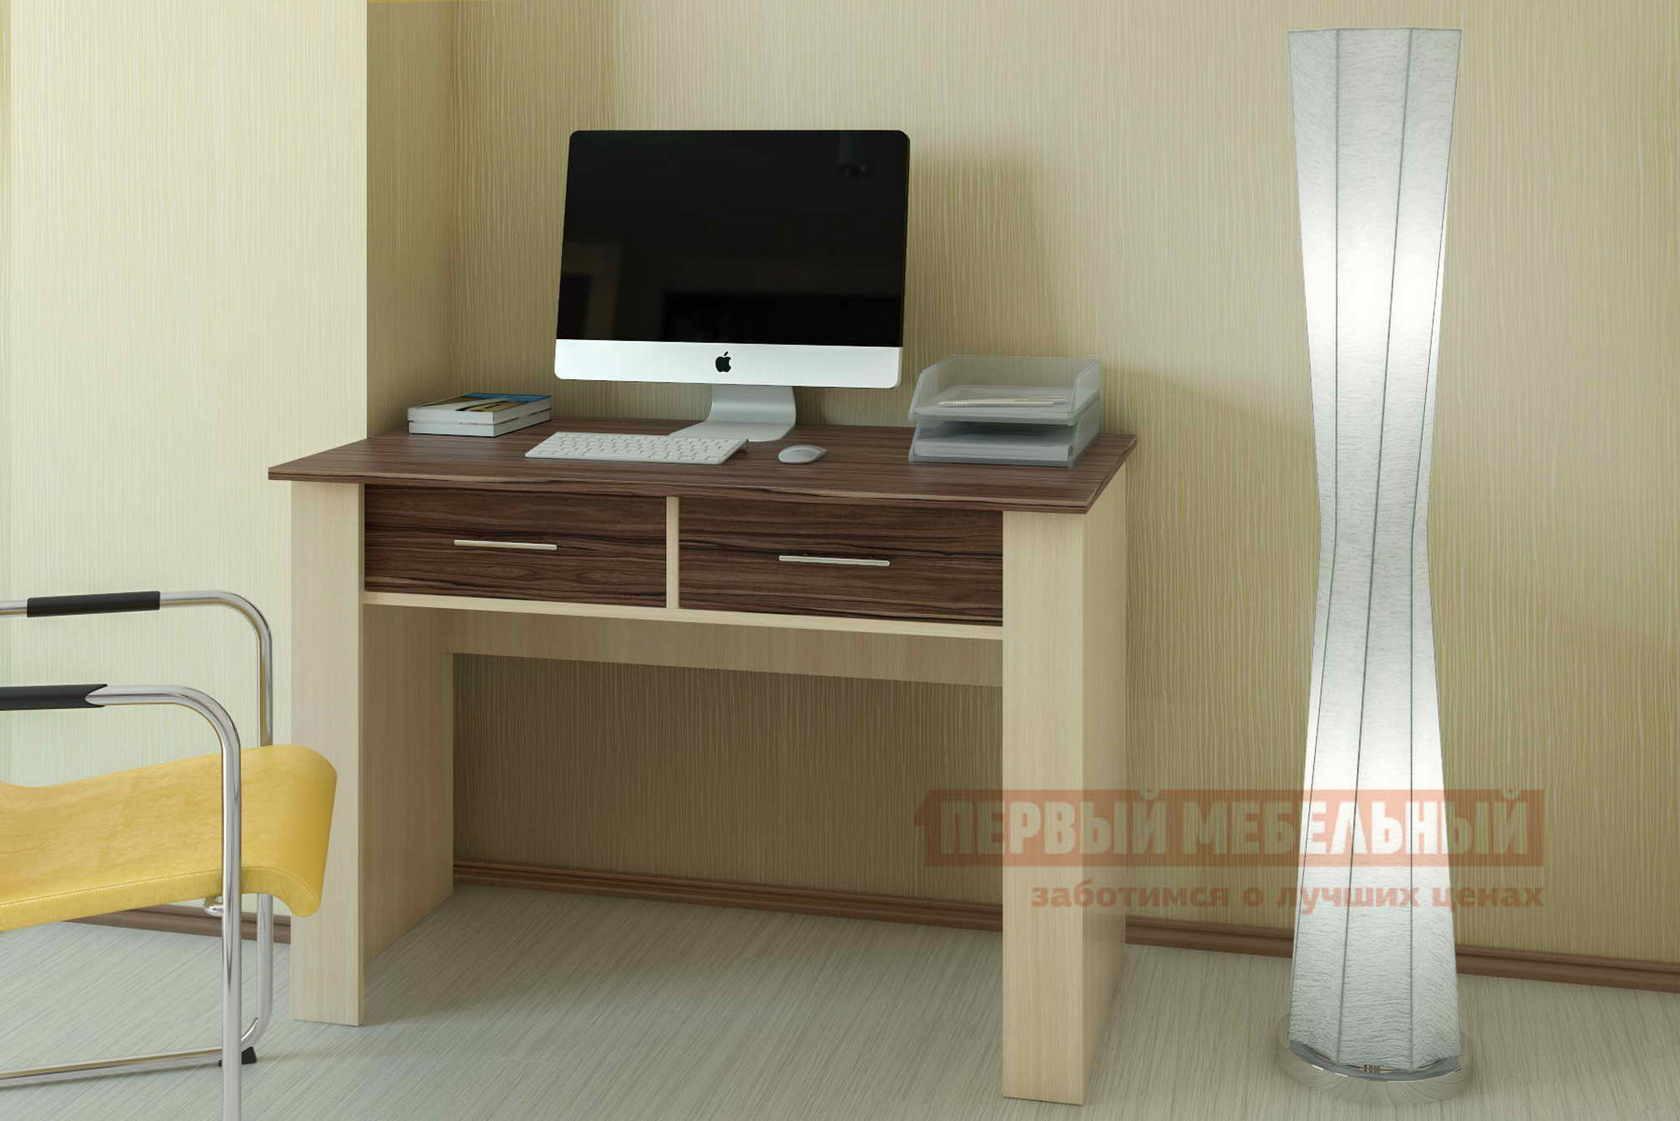 Письменный стол Мебелеф Письменный стол «Мебелеф-3»